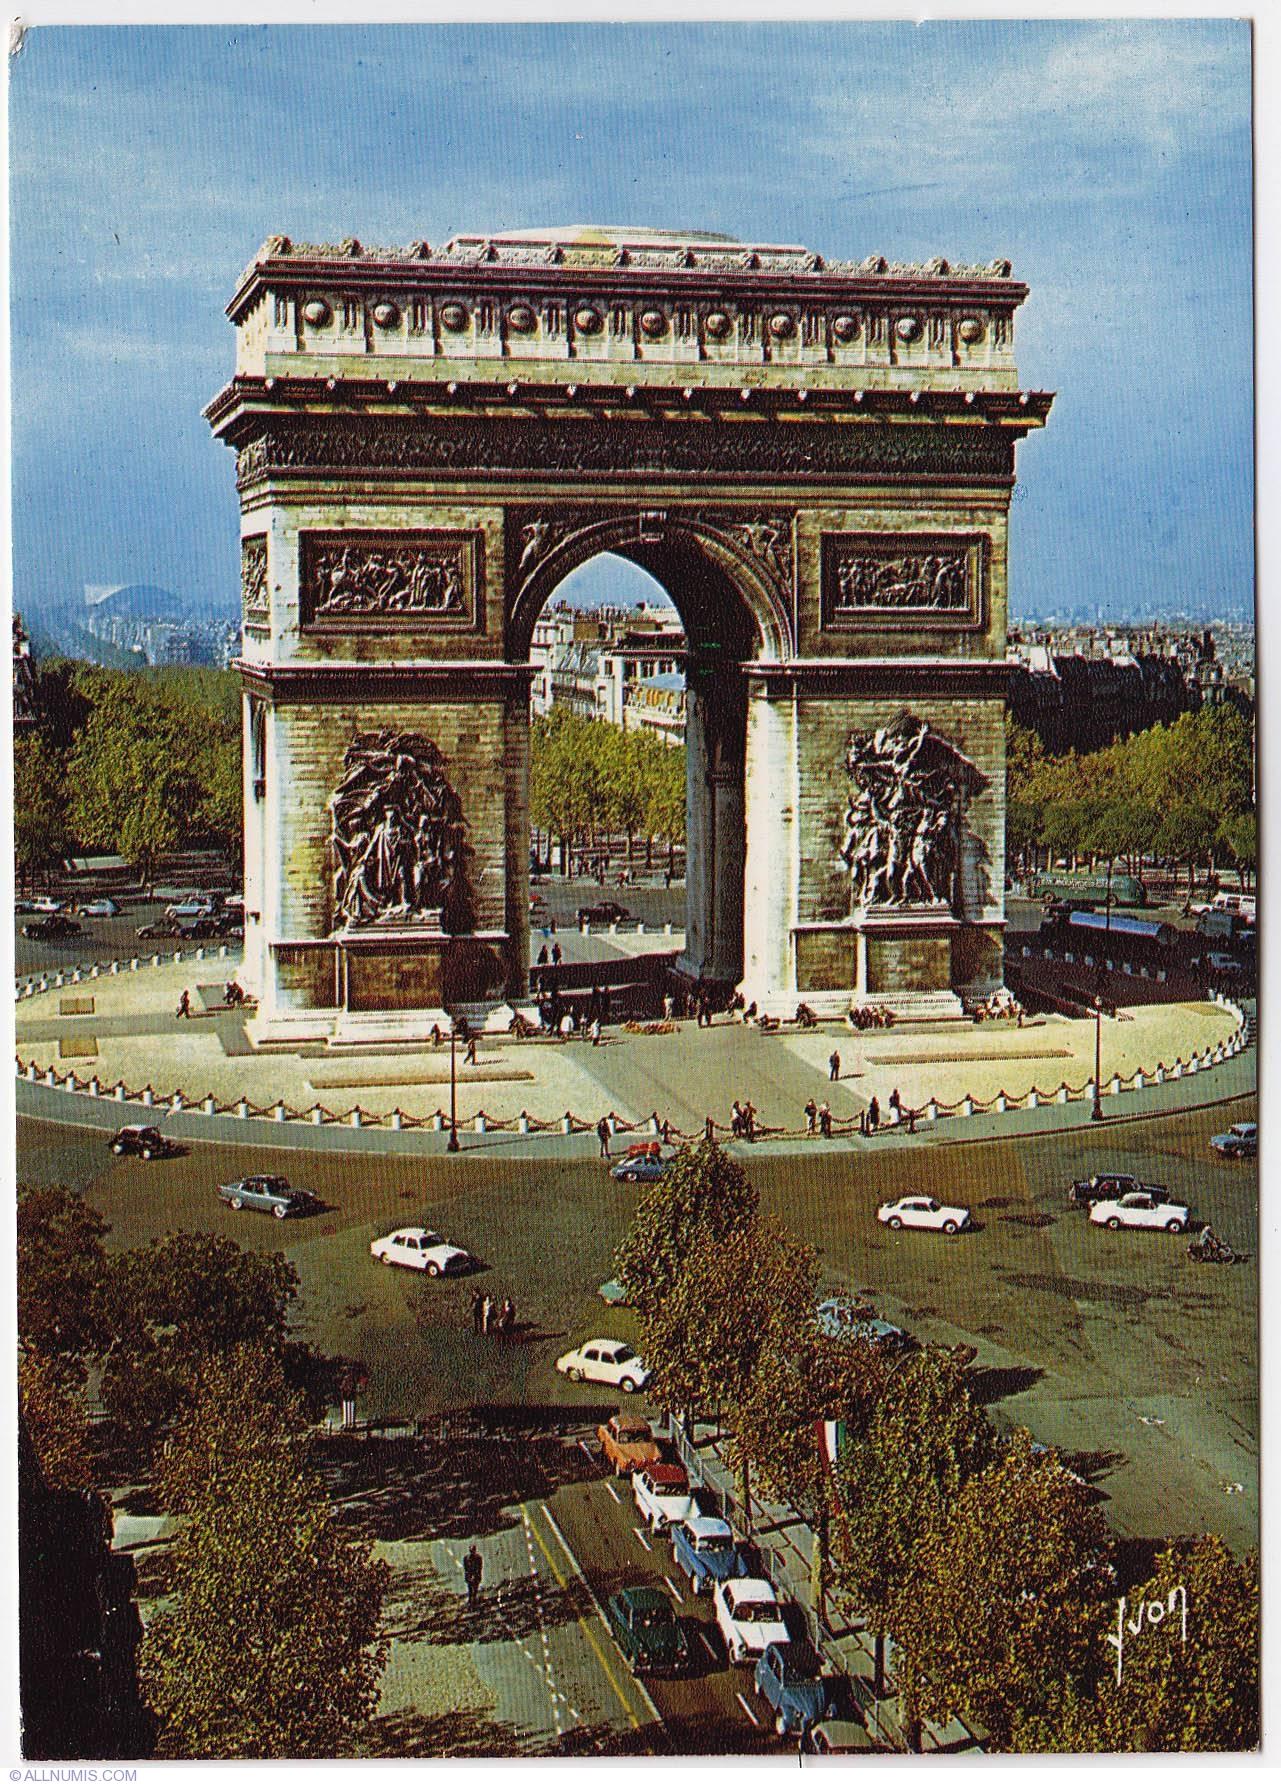 Paris - The Triumph Arch - L'Arc de Triomphe (1970), Paris ...